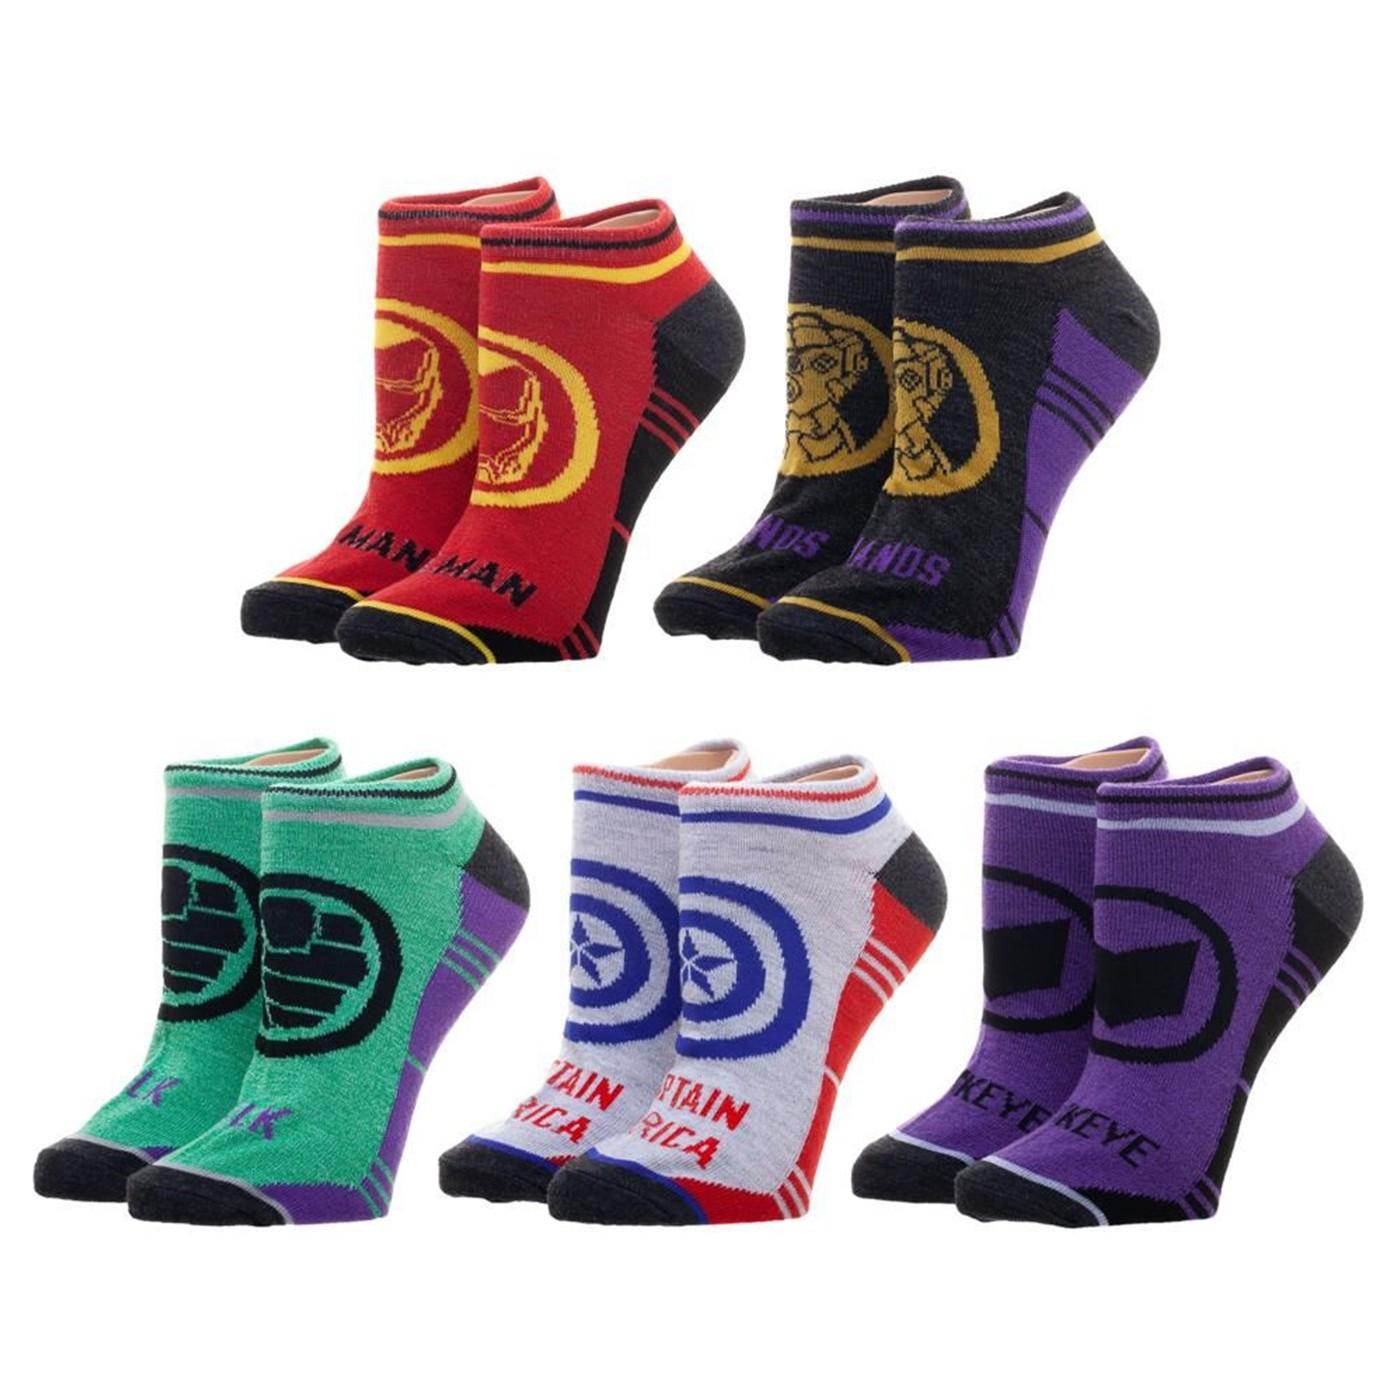 Avengers Endgame 5-Pack Socks